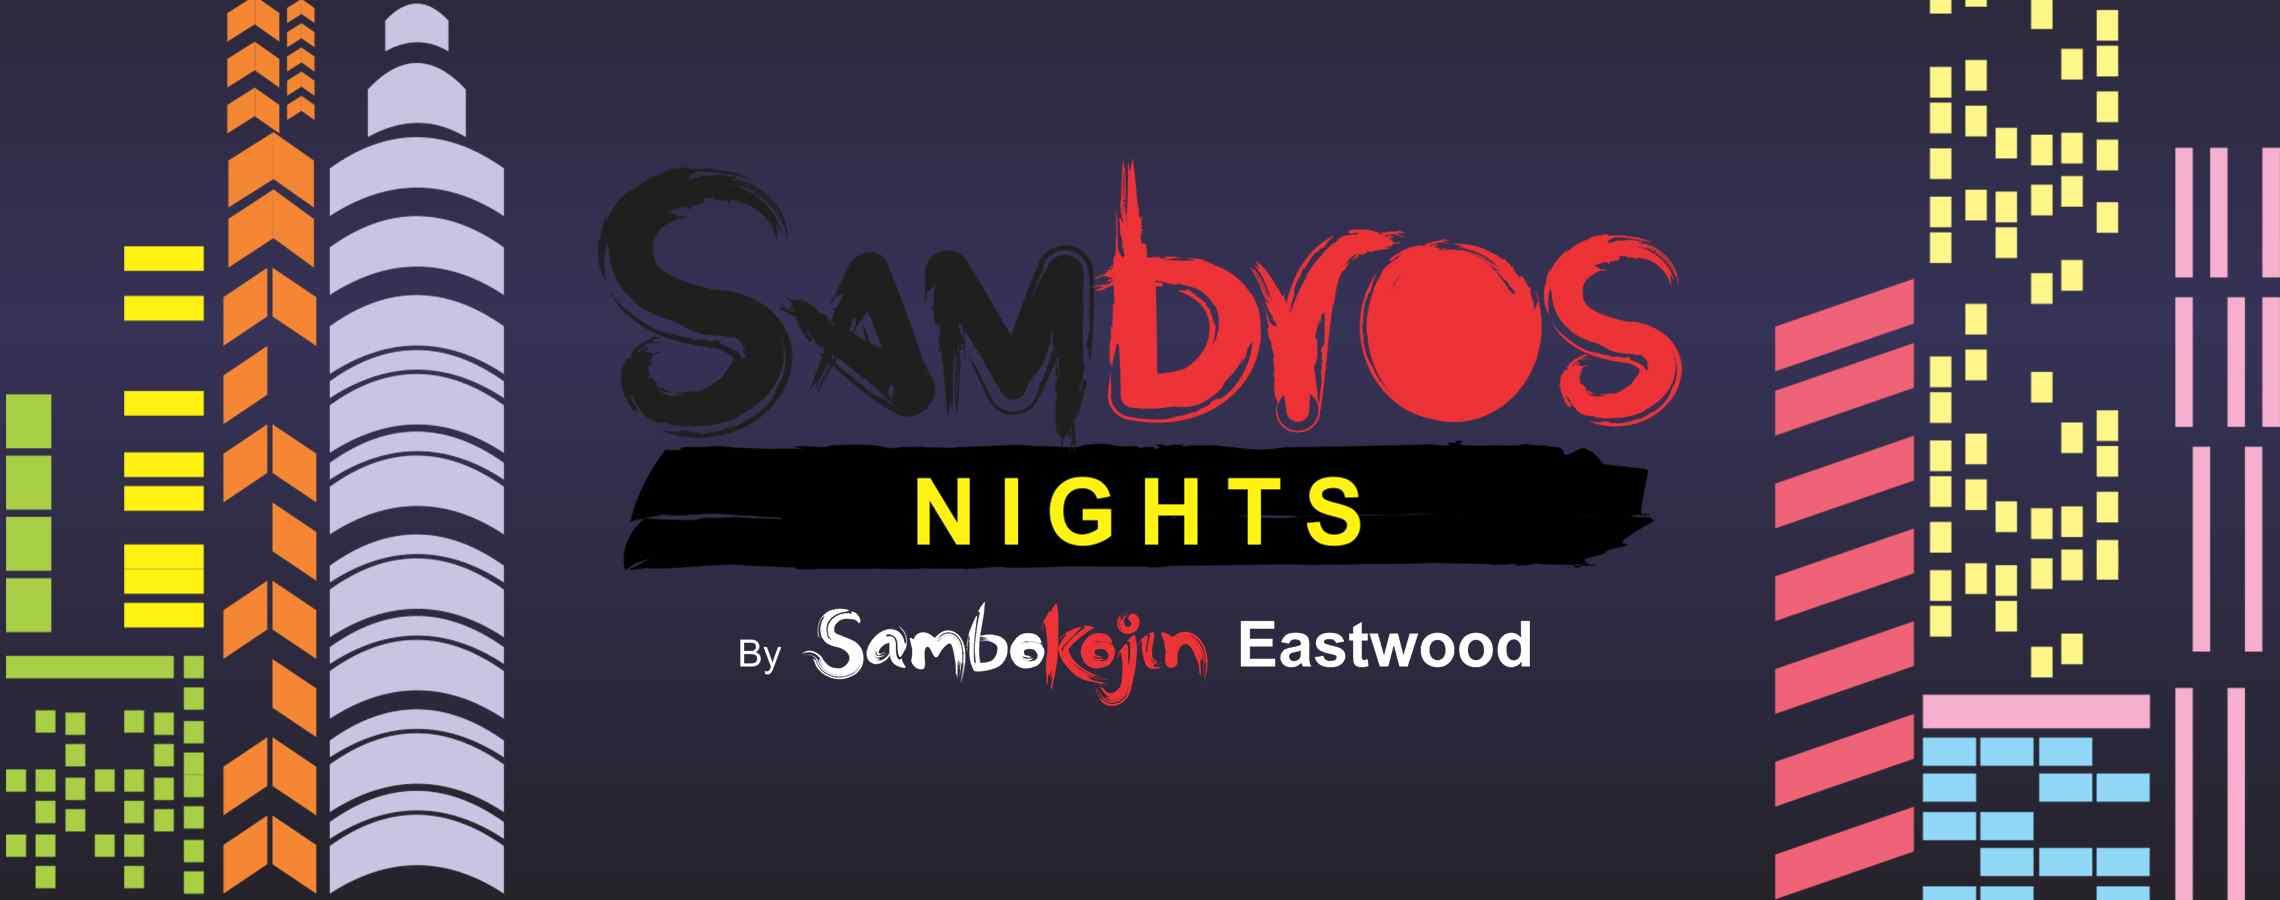 Sambros Nights